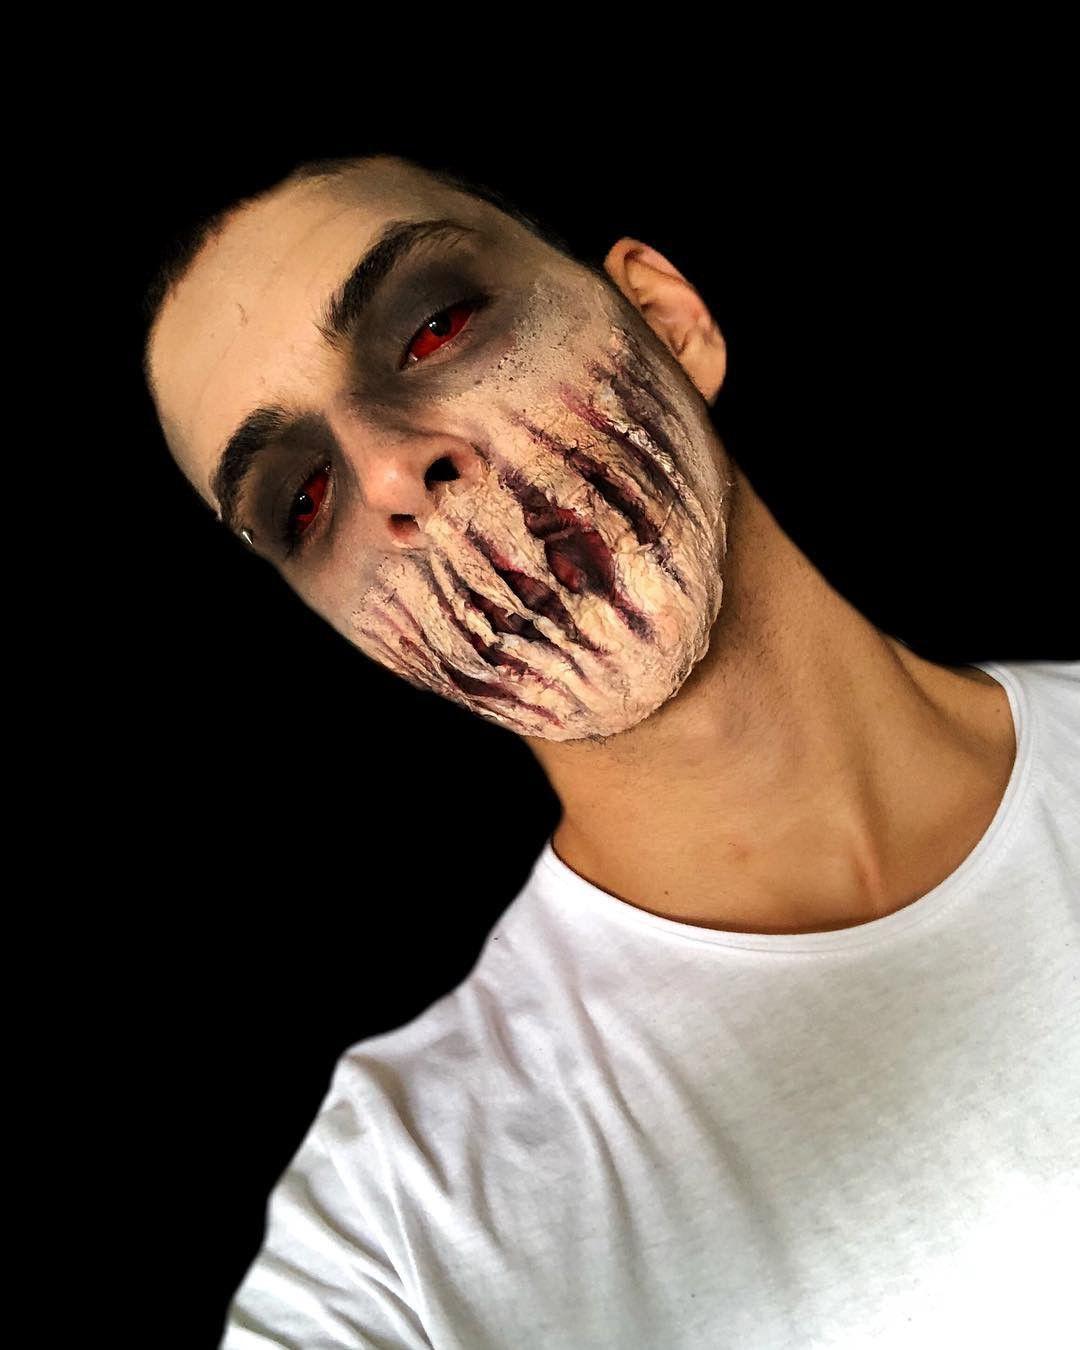 Halloween 2020 Special Effects Makeup halloween #halloween2018 #halloweenmakeup #makeupdesign #arts